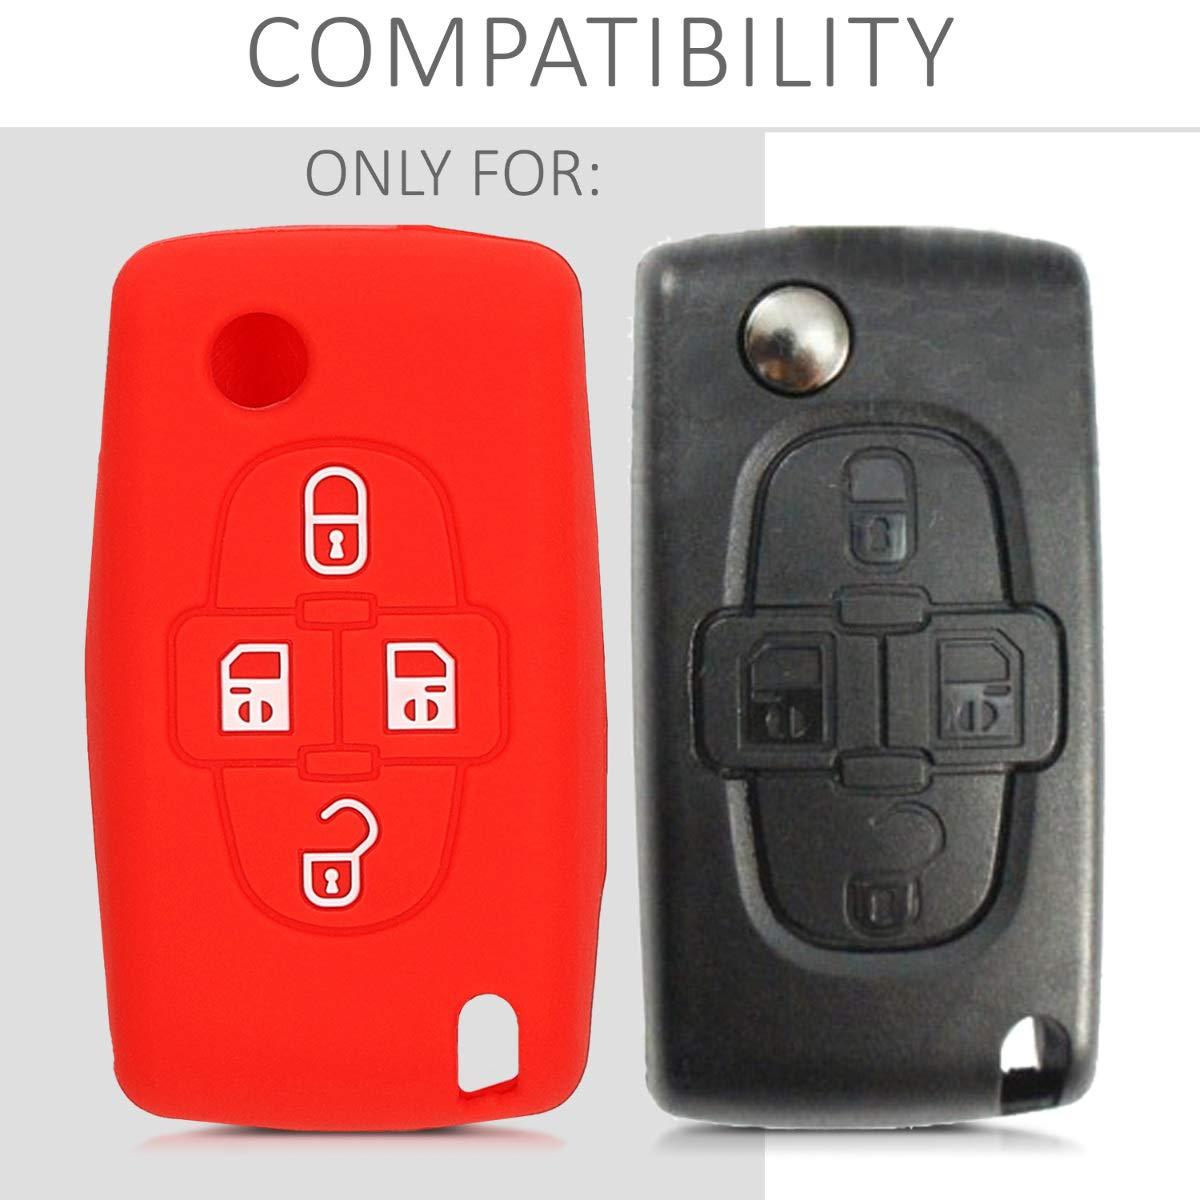 de Rojo Silicona Suave - Case Mando de Auto Carcasa Protectora kwmobile Funda de Silicona para Llave de 4 Botones para Coche Peugeot Citroen